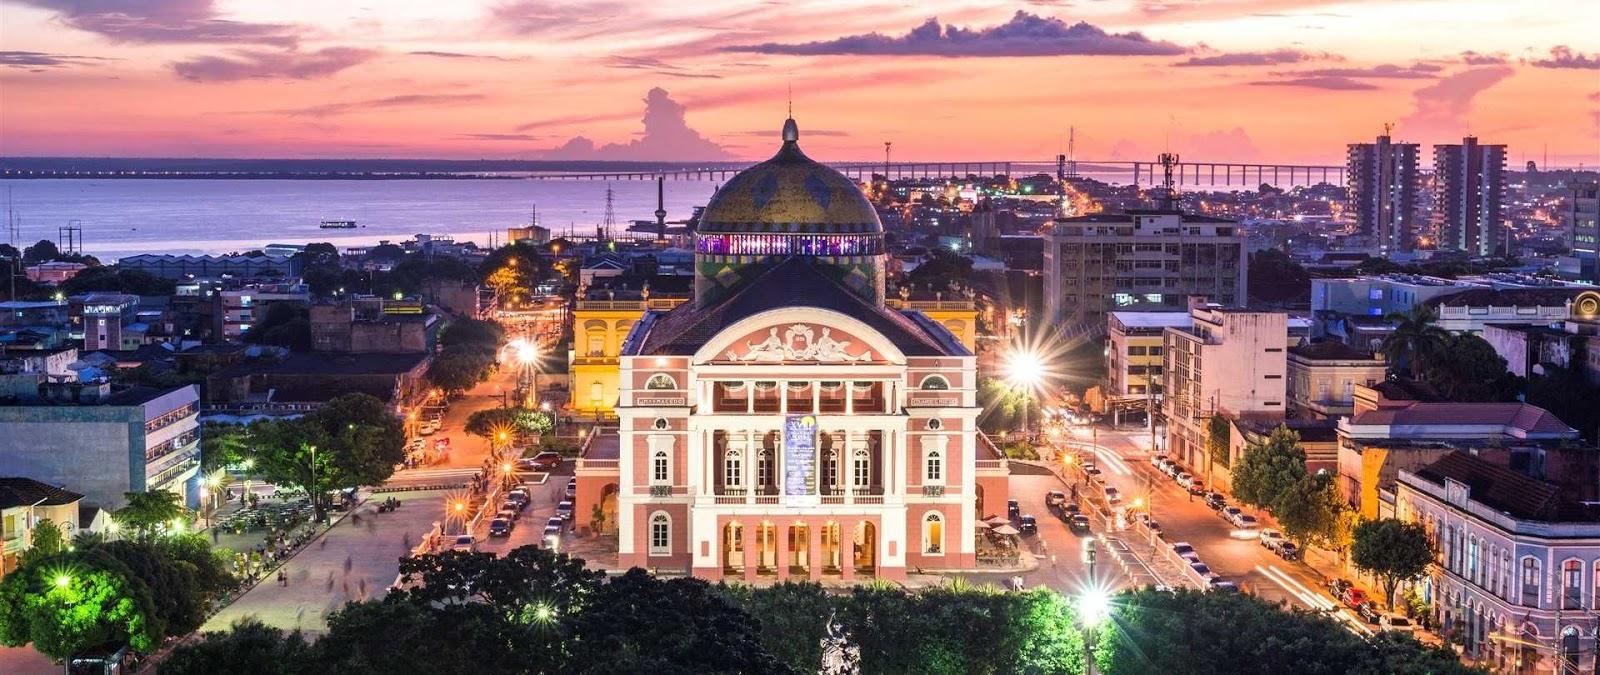 نتیجه تصویری برای Teatro Amazonas